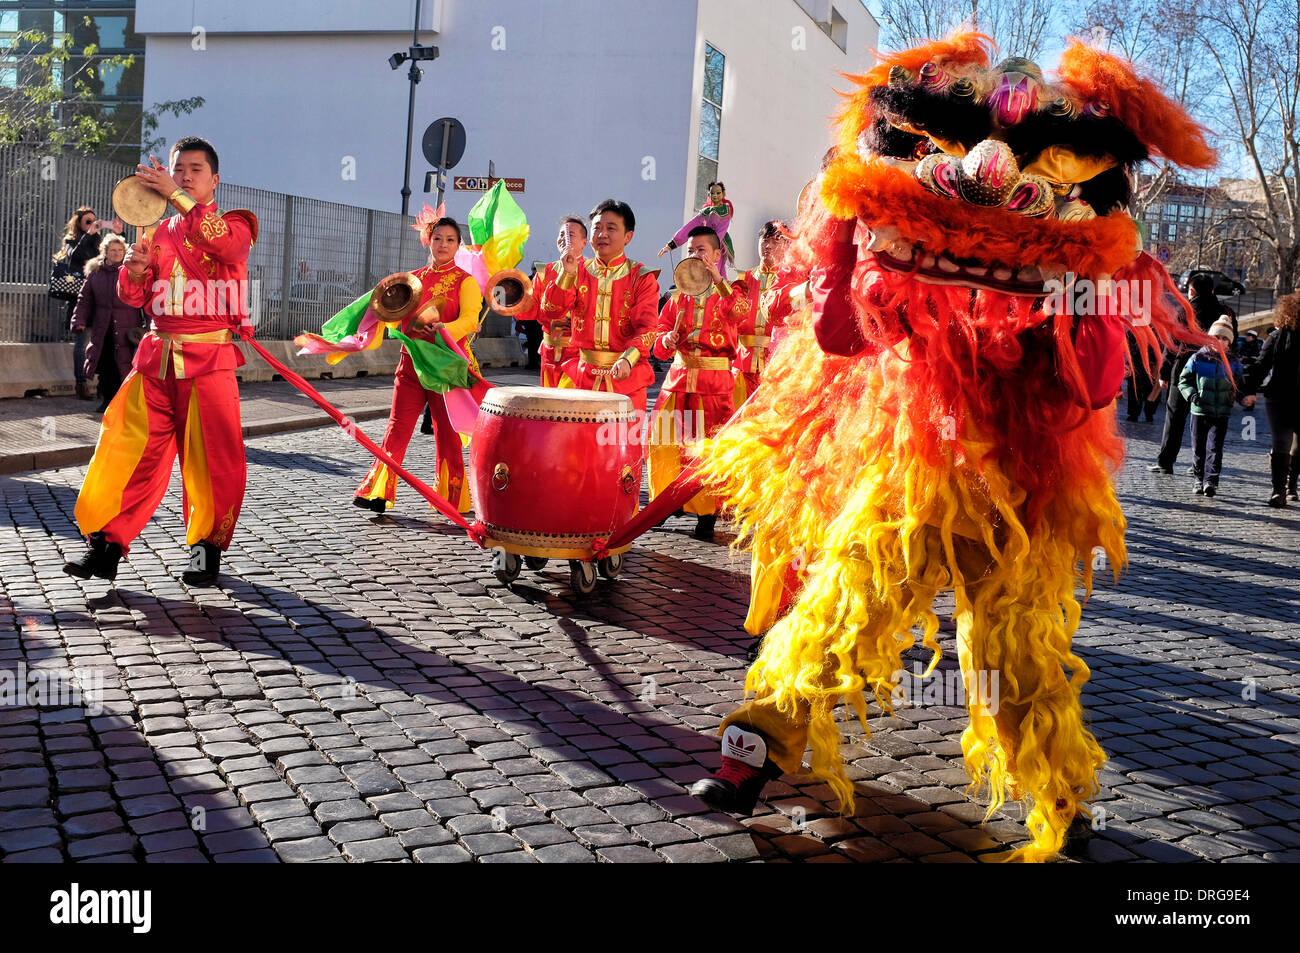 Rome, Italie 25 janvier 2014 Artistes Célébrez le Nouvel An chinois sur la Piazza Augusto Imperatore. Selon le calendrier chinois, c'est l'année de l'horse Crédit: Fabrizio Troiani/Alamy Live News Photo Stock